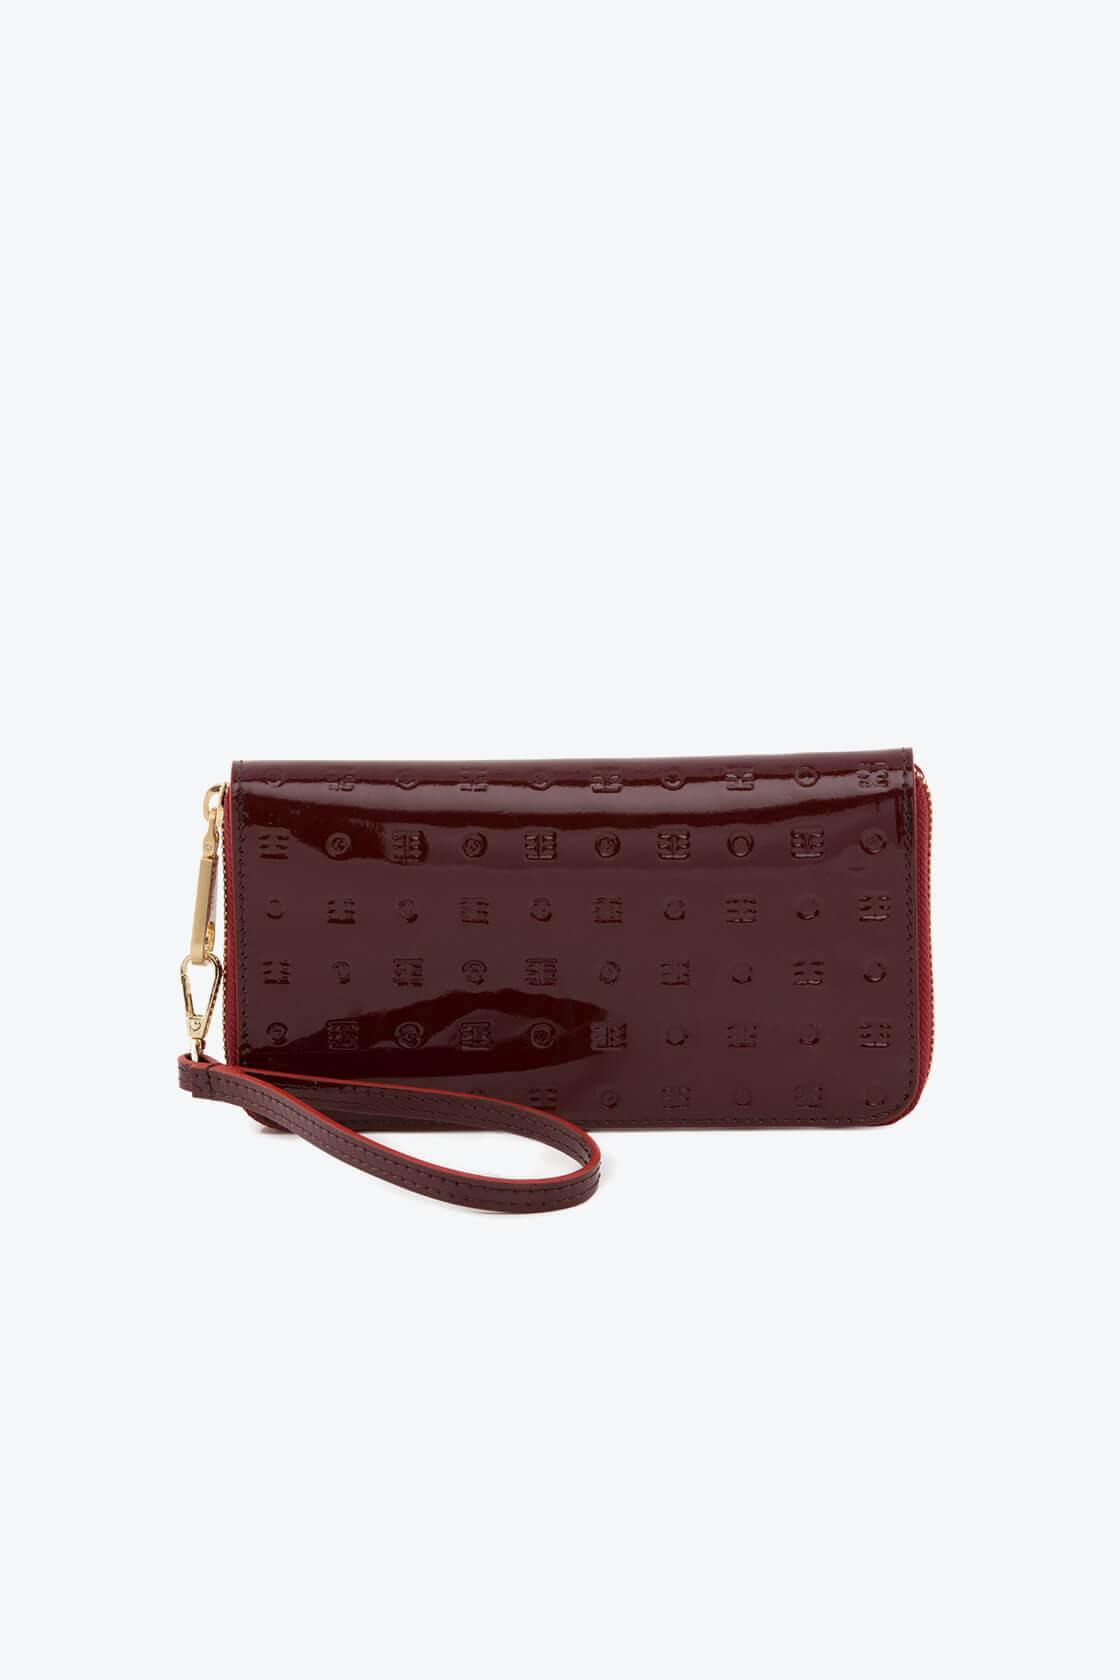 ol80000119 wristlet multi pockets wallet 1